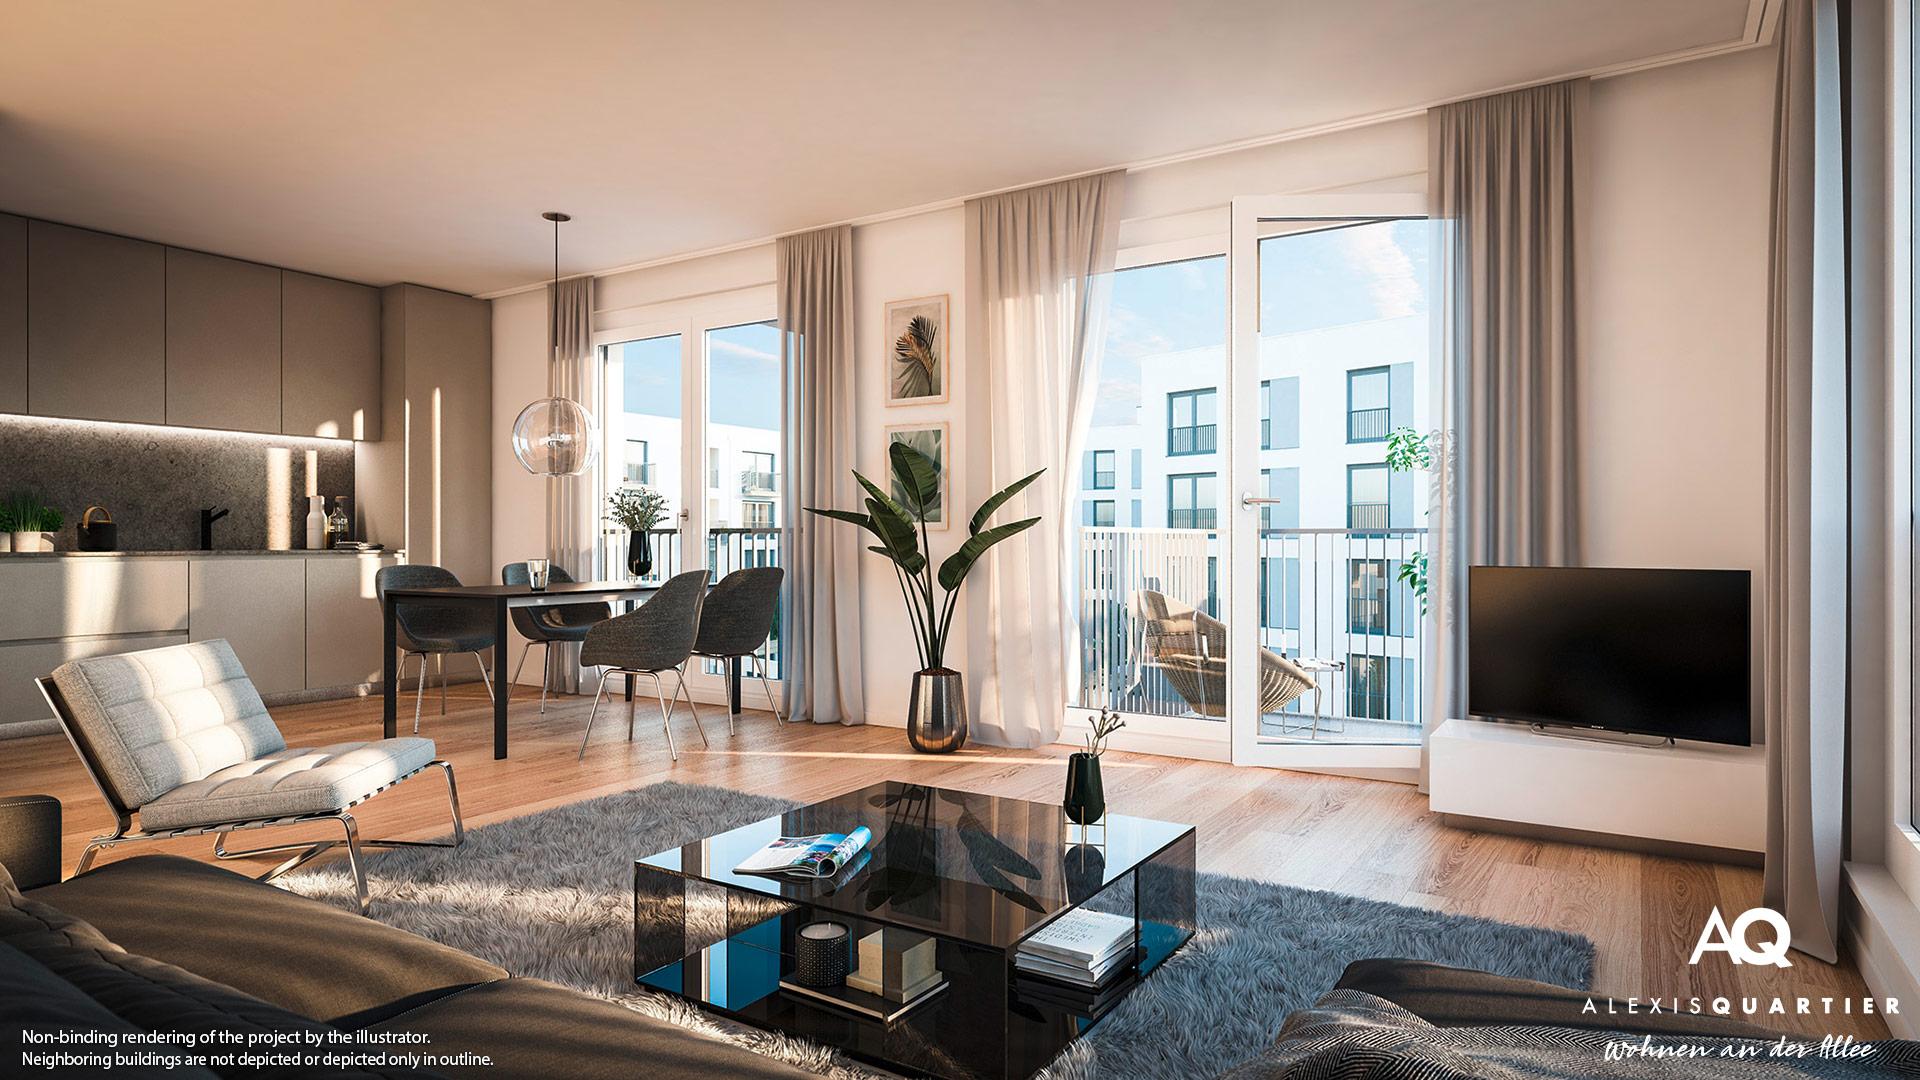 Property Alexisquartier - Wohnen an der Allee - Illustration 9